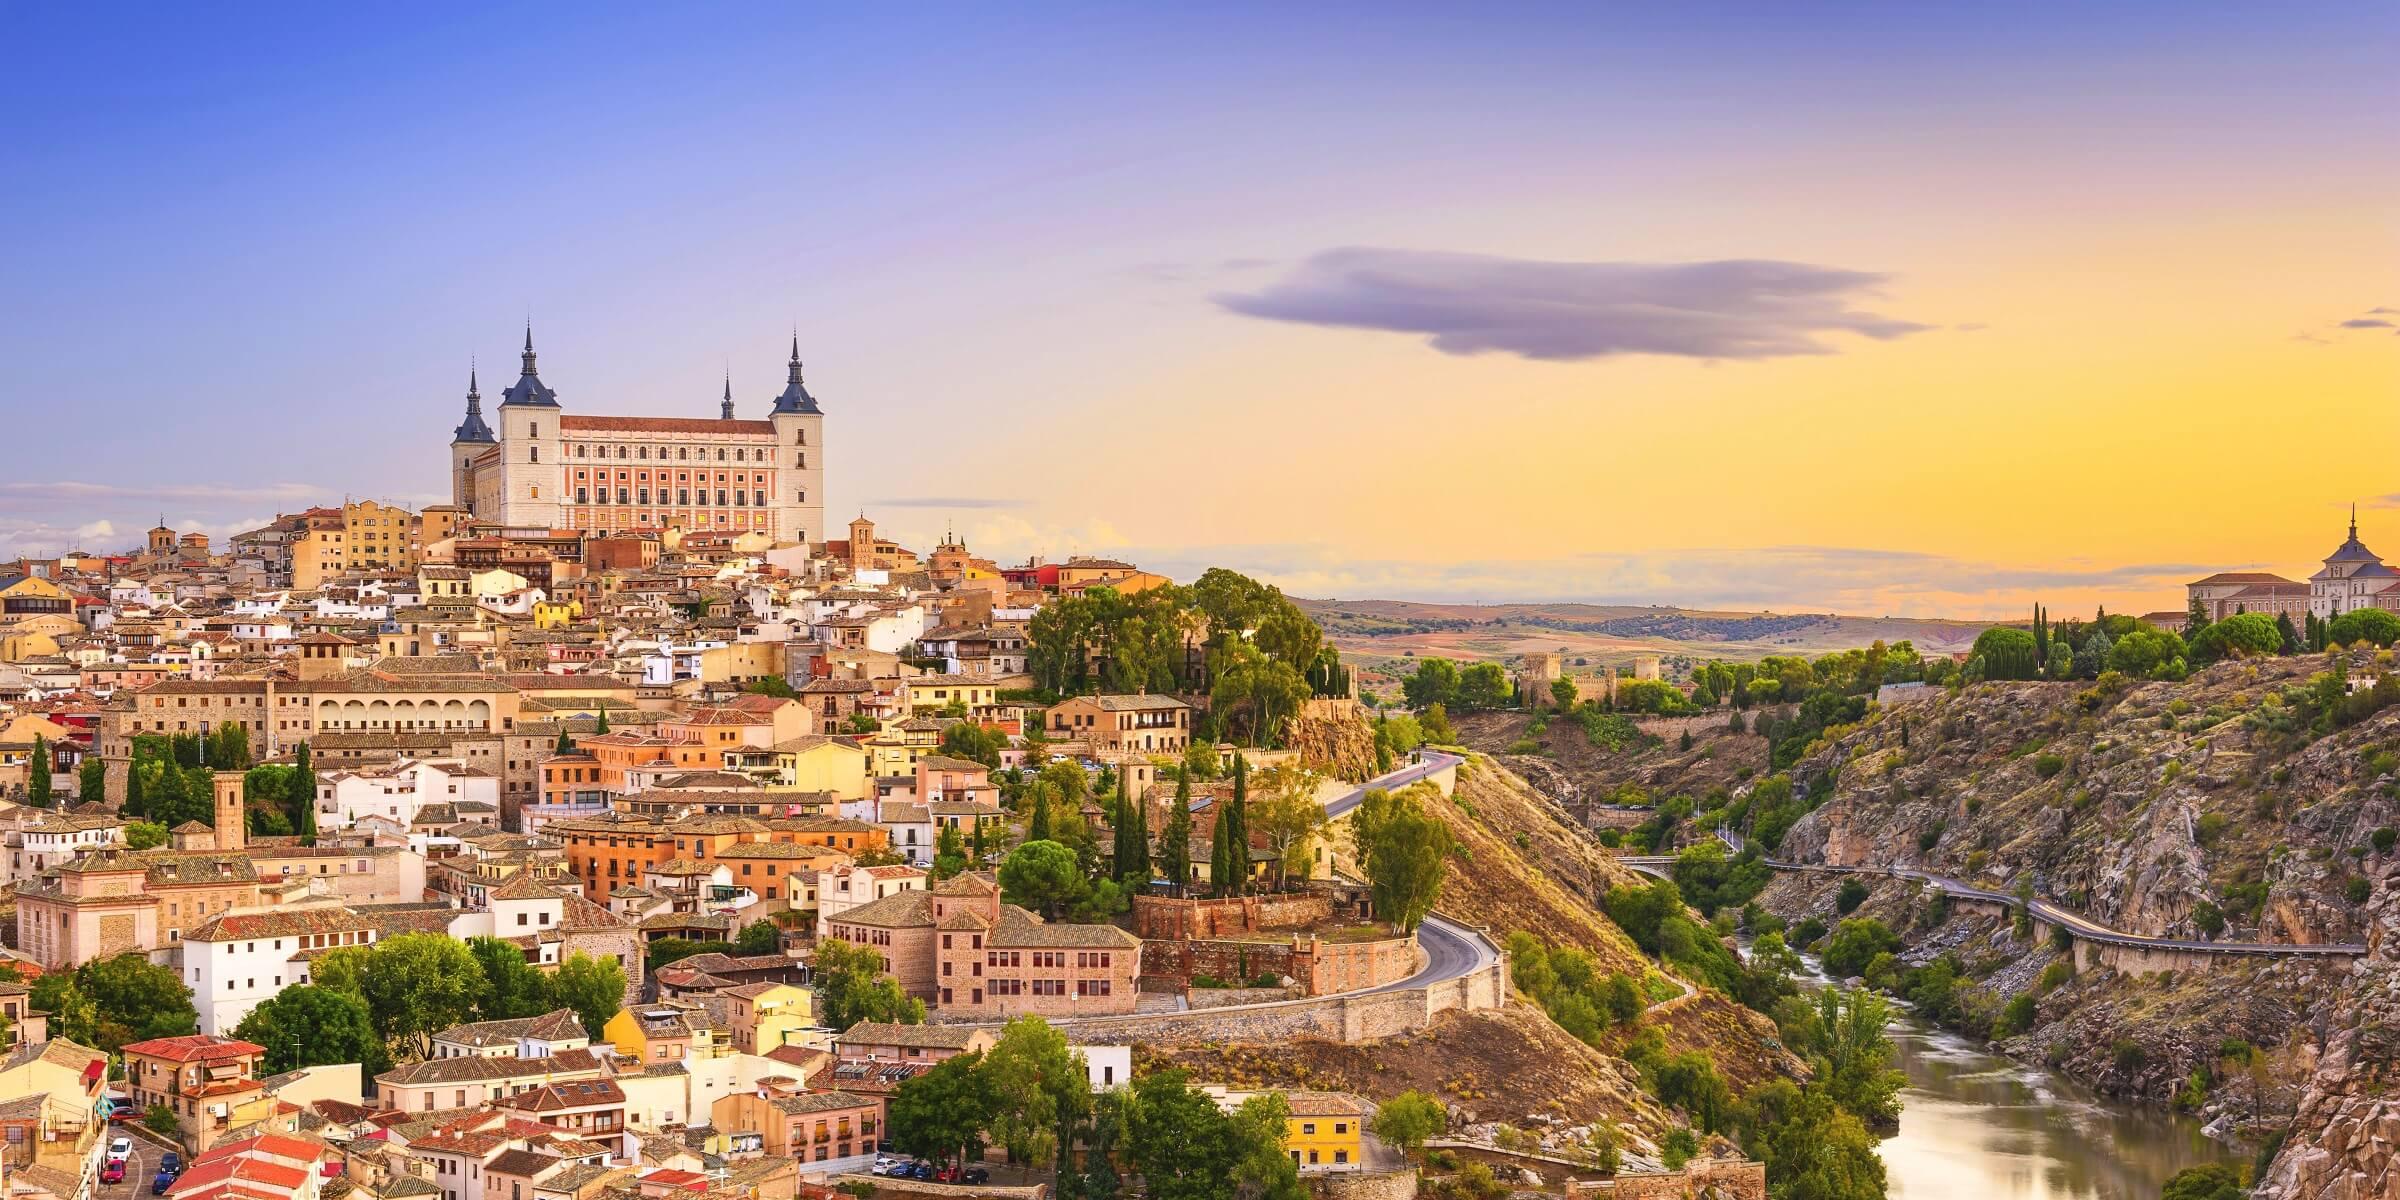 Blick auf die Stadt Toledo in Kastilien über dem Fluss Rio Tajo